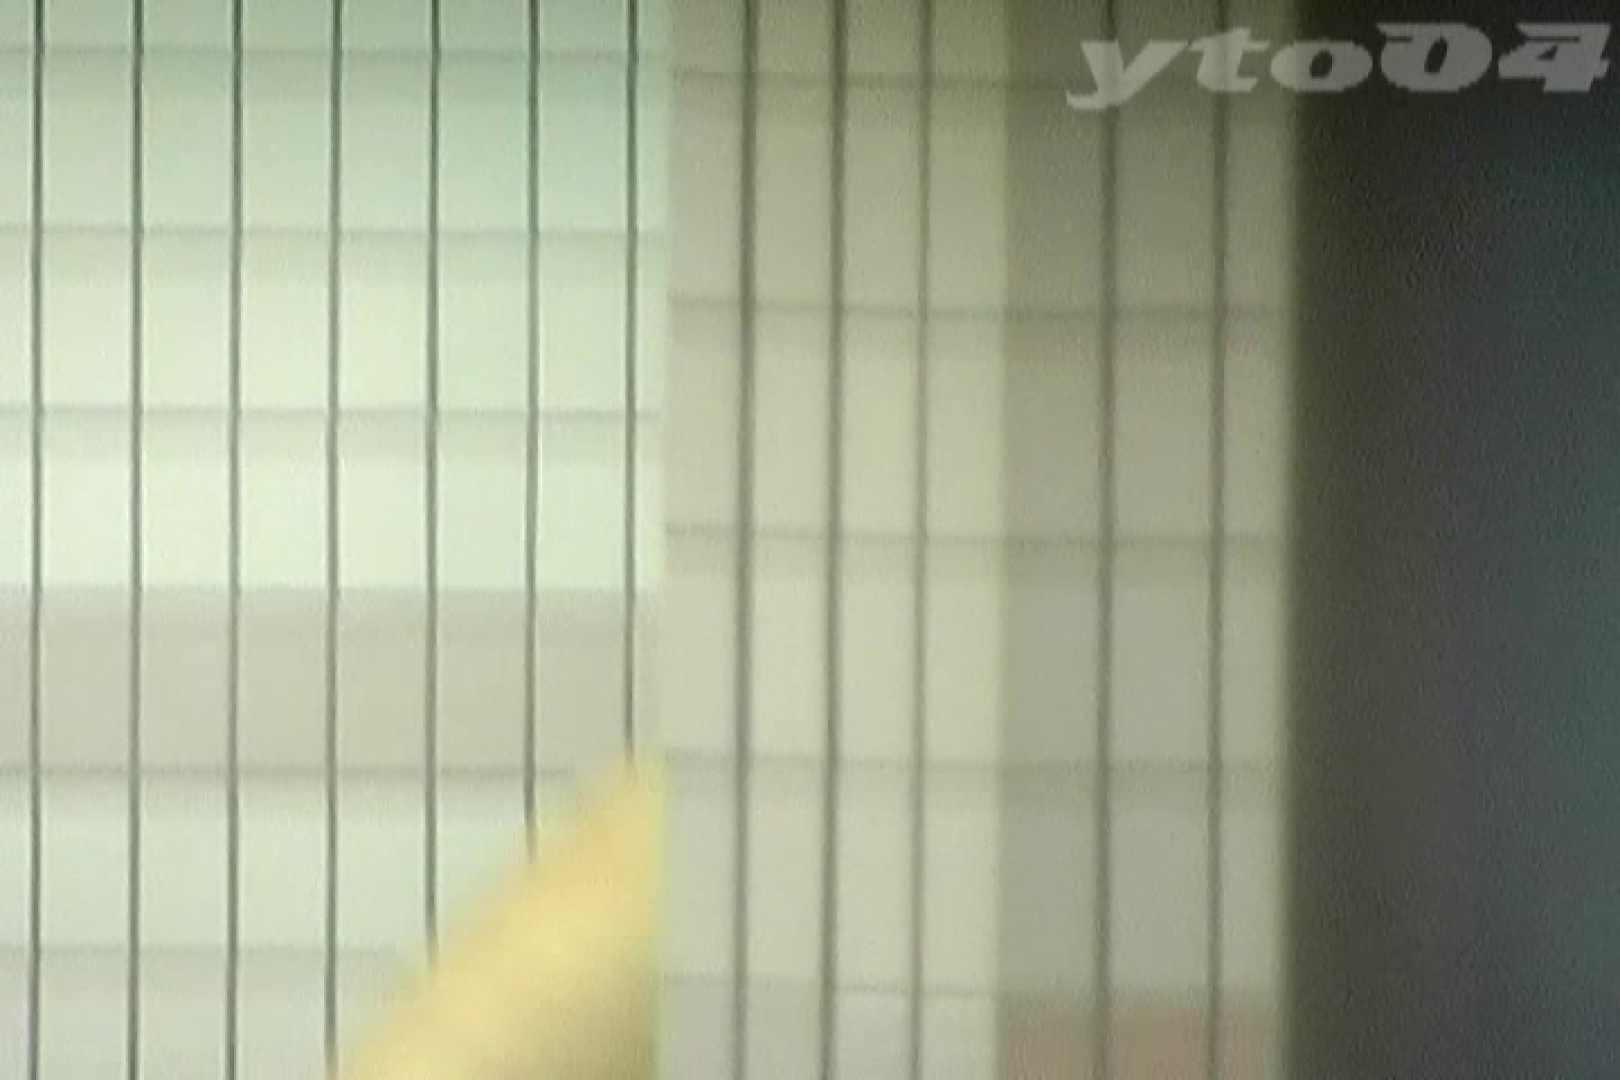 ▲復活限定▲合宿ホテル女風呂盗撮 Vol.23 OL  91pic 73